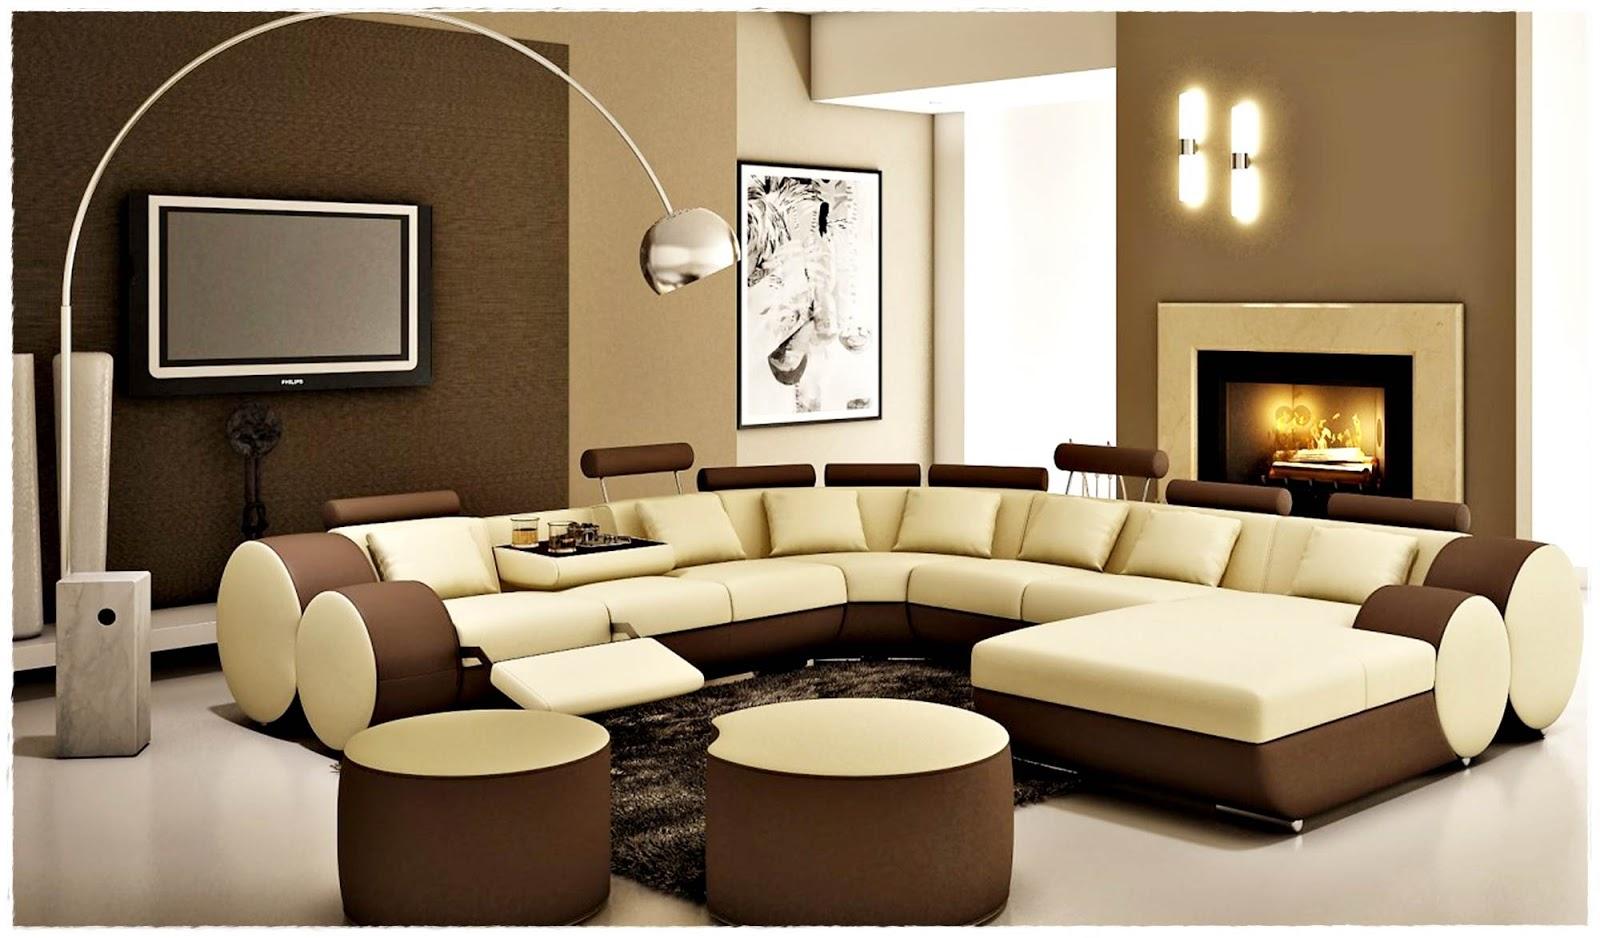 wohnzimmer farben | Home Design